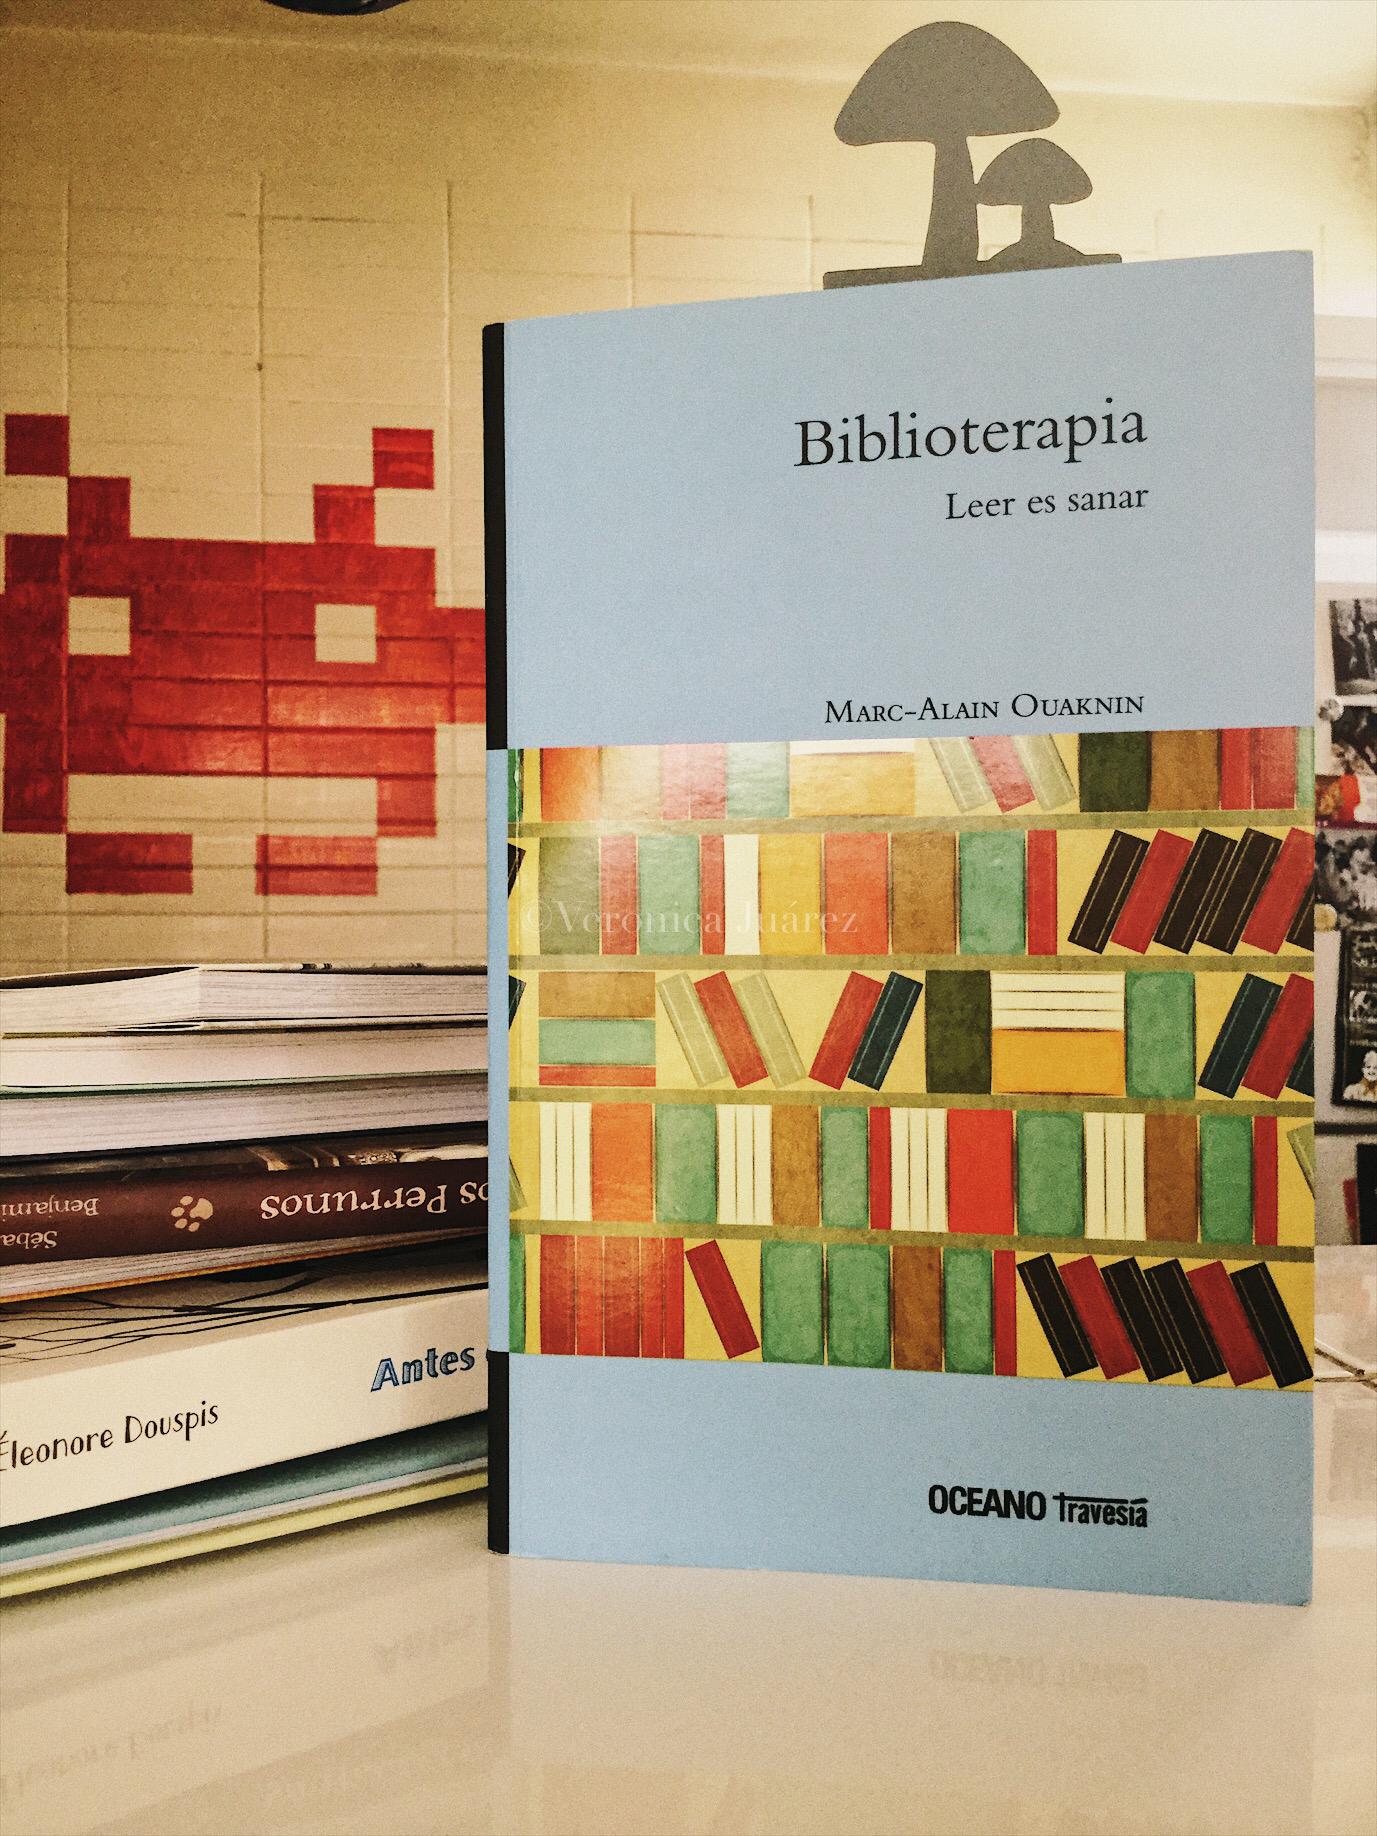 Biblioterapia, leer es sanar, reseña